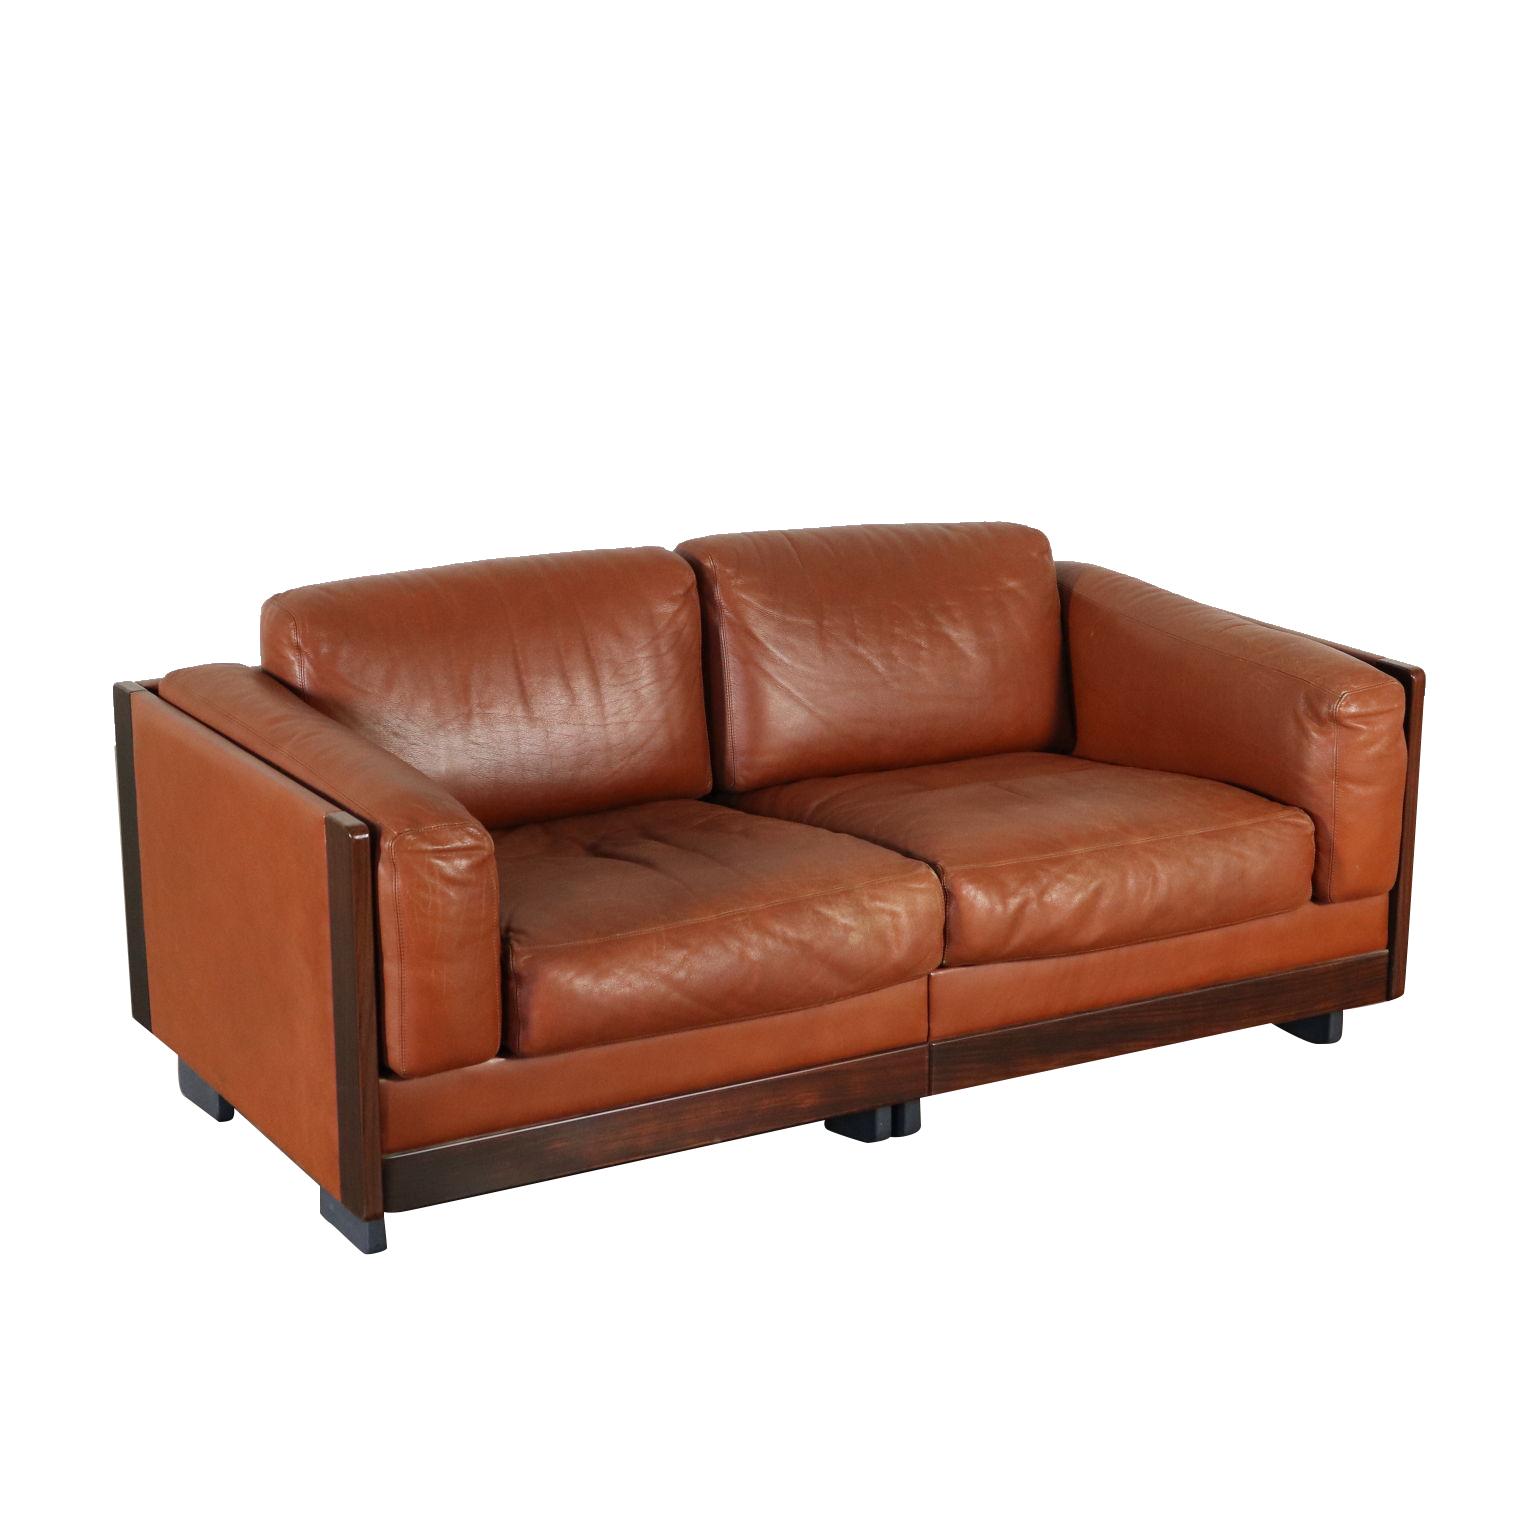 Colombo Divani A Meda divano afra e tobia scarpa - divani - modernariato